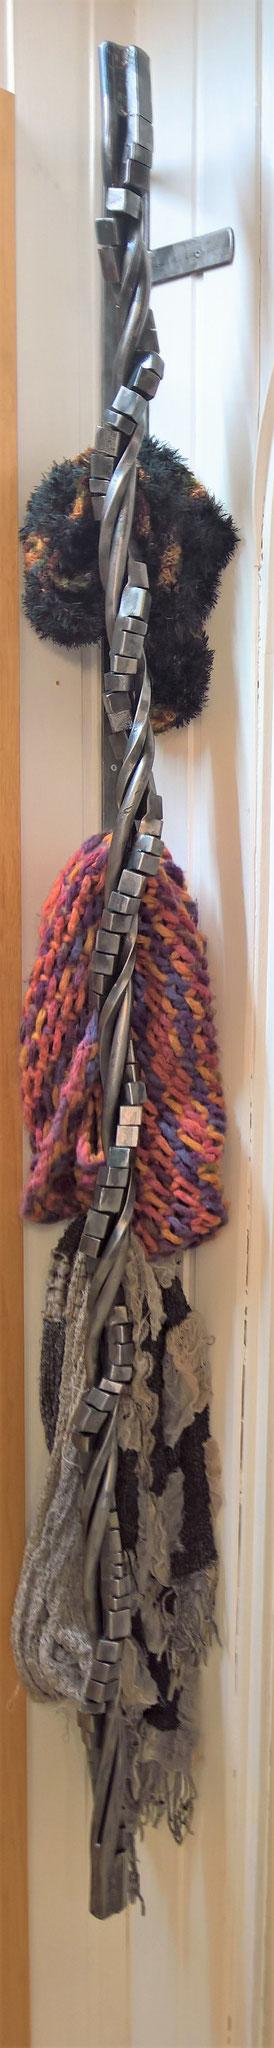 Twist-Qube aus der Telchinen-Schmiede / Garderobe für Schals